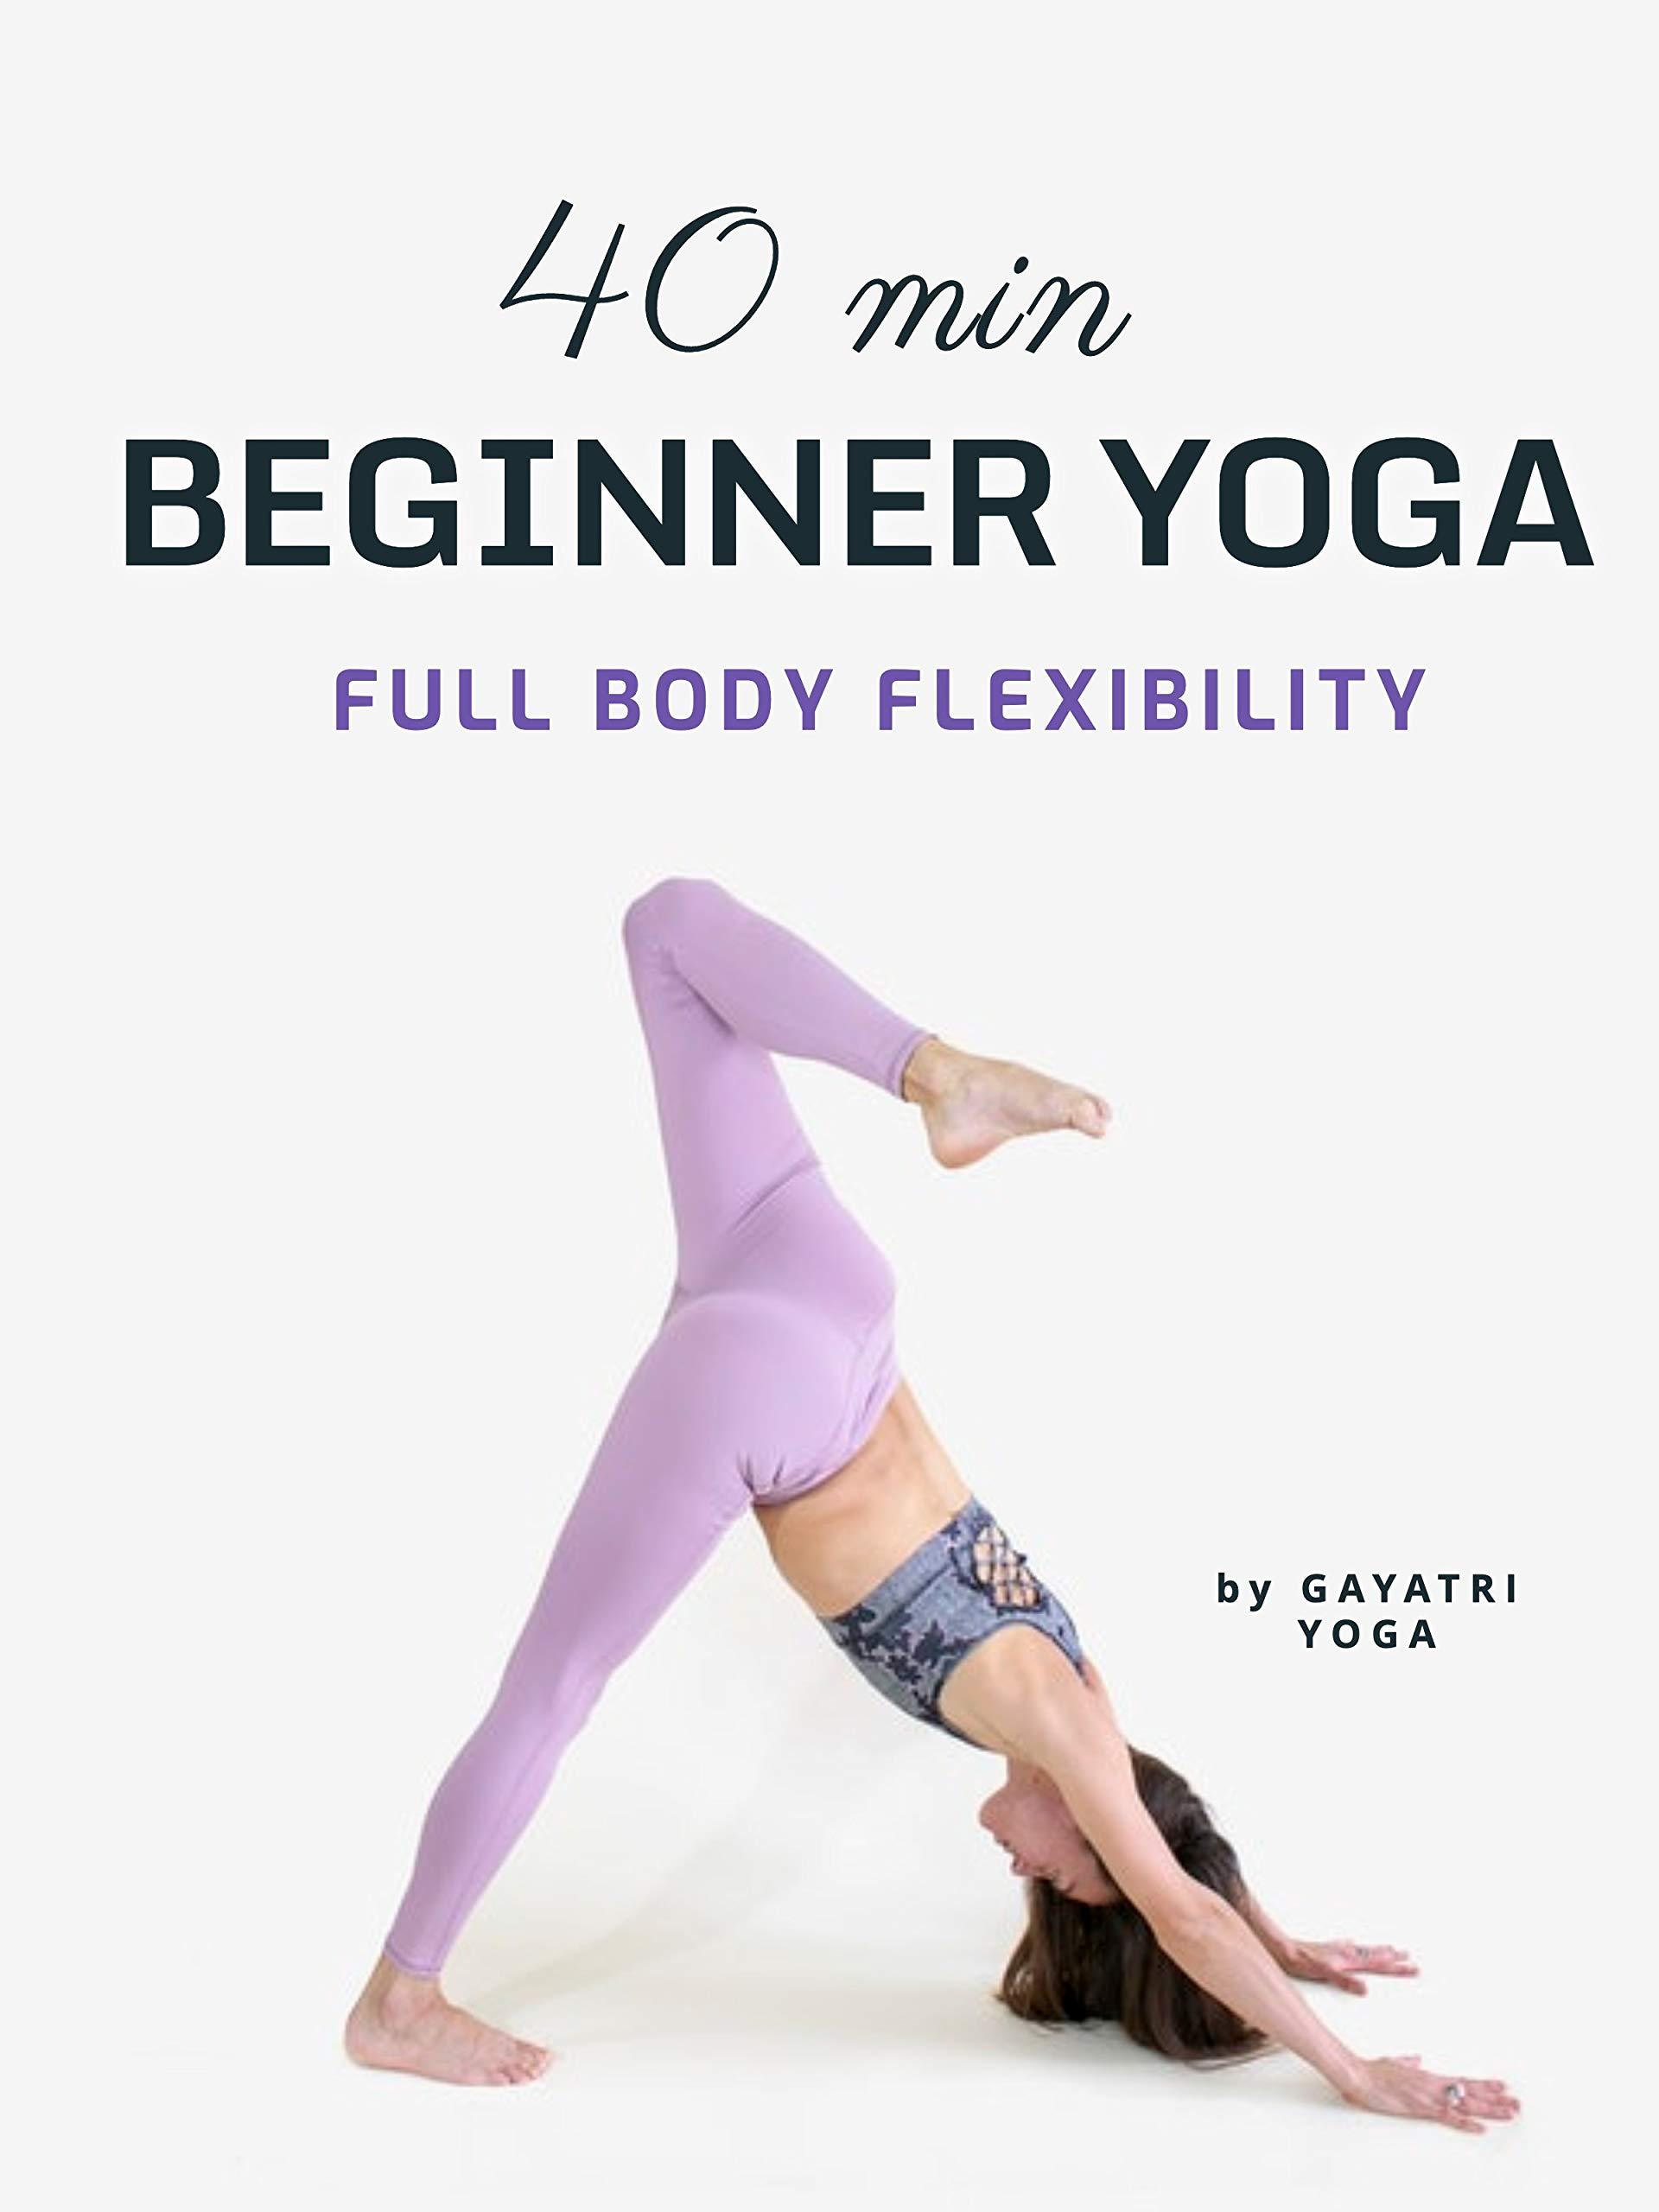 40 Min Yoga - Beginner Flexibility Flow - Gayatri Yoga